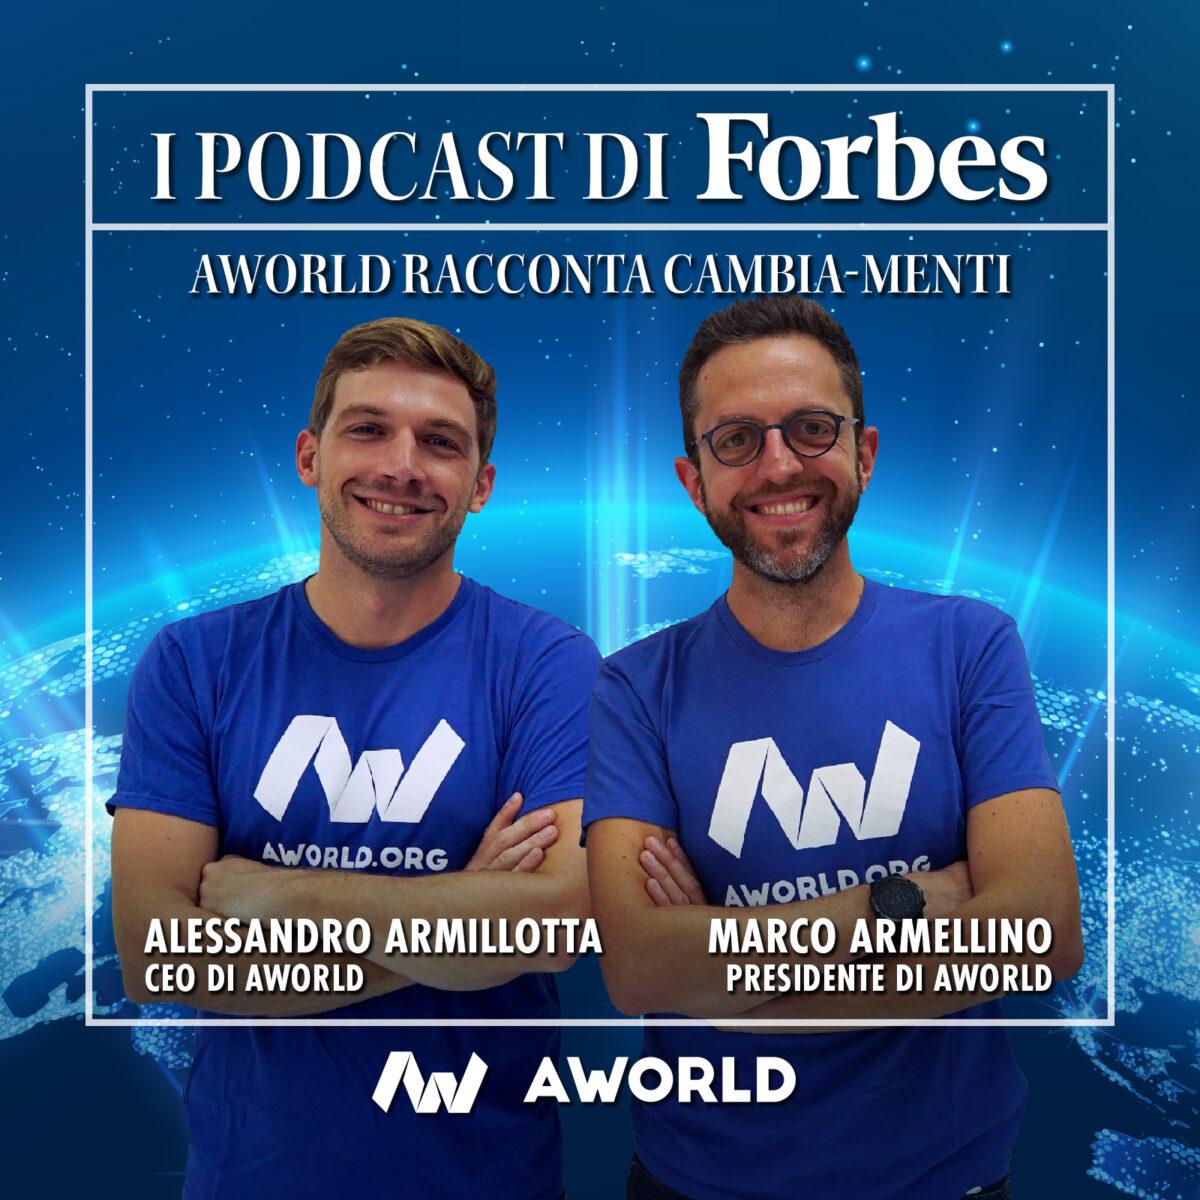 AWorld racconta Cambia-menti